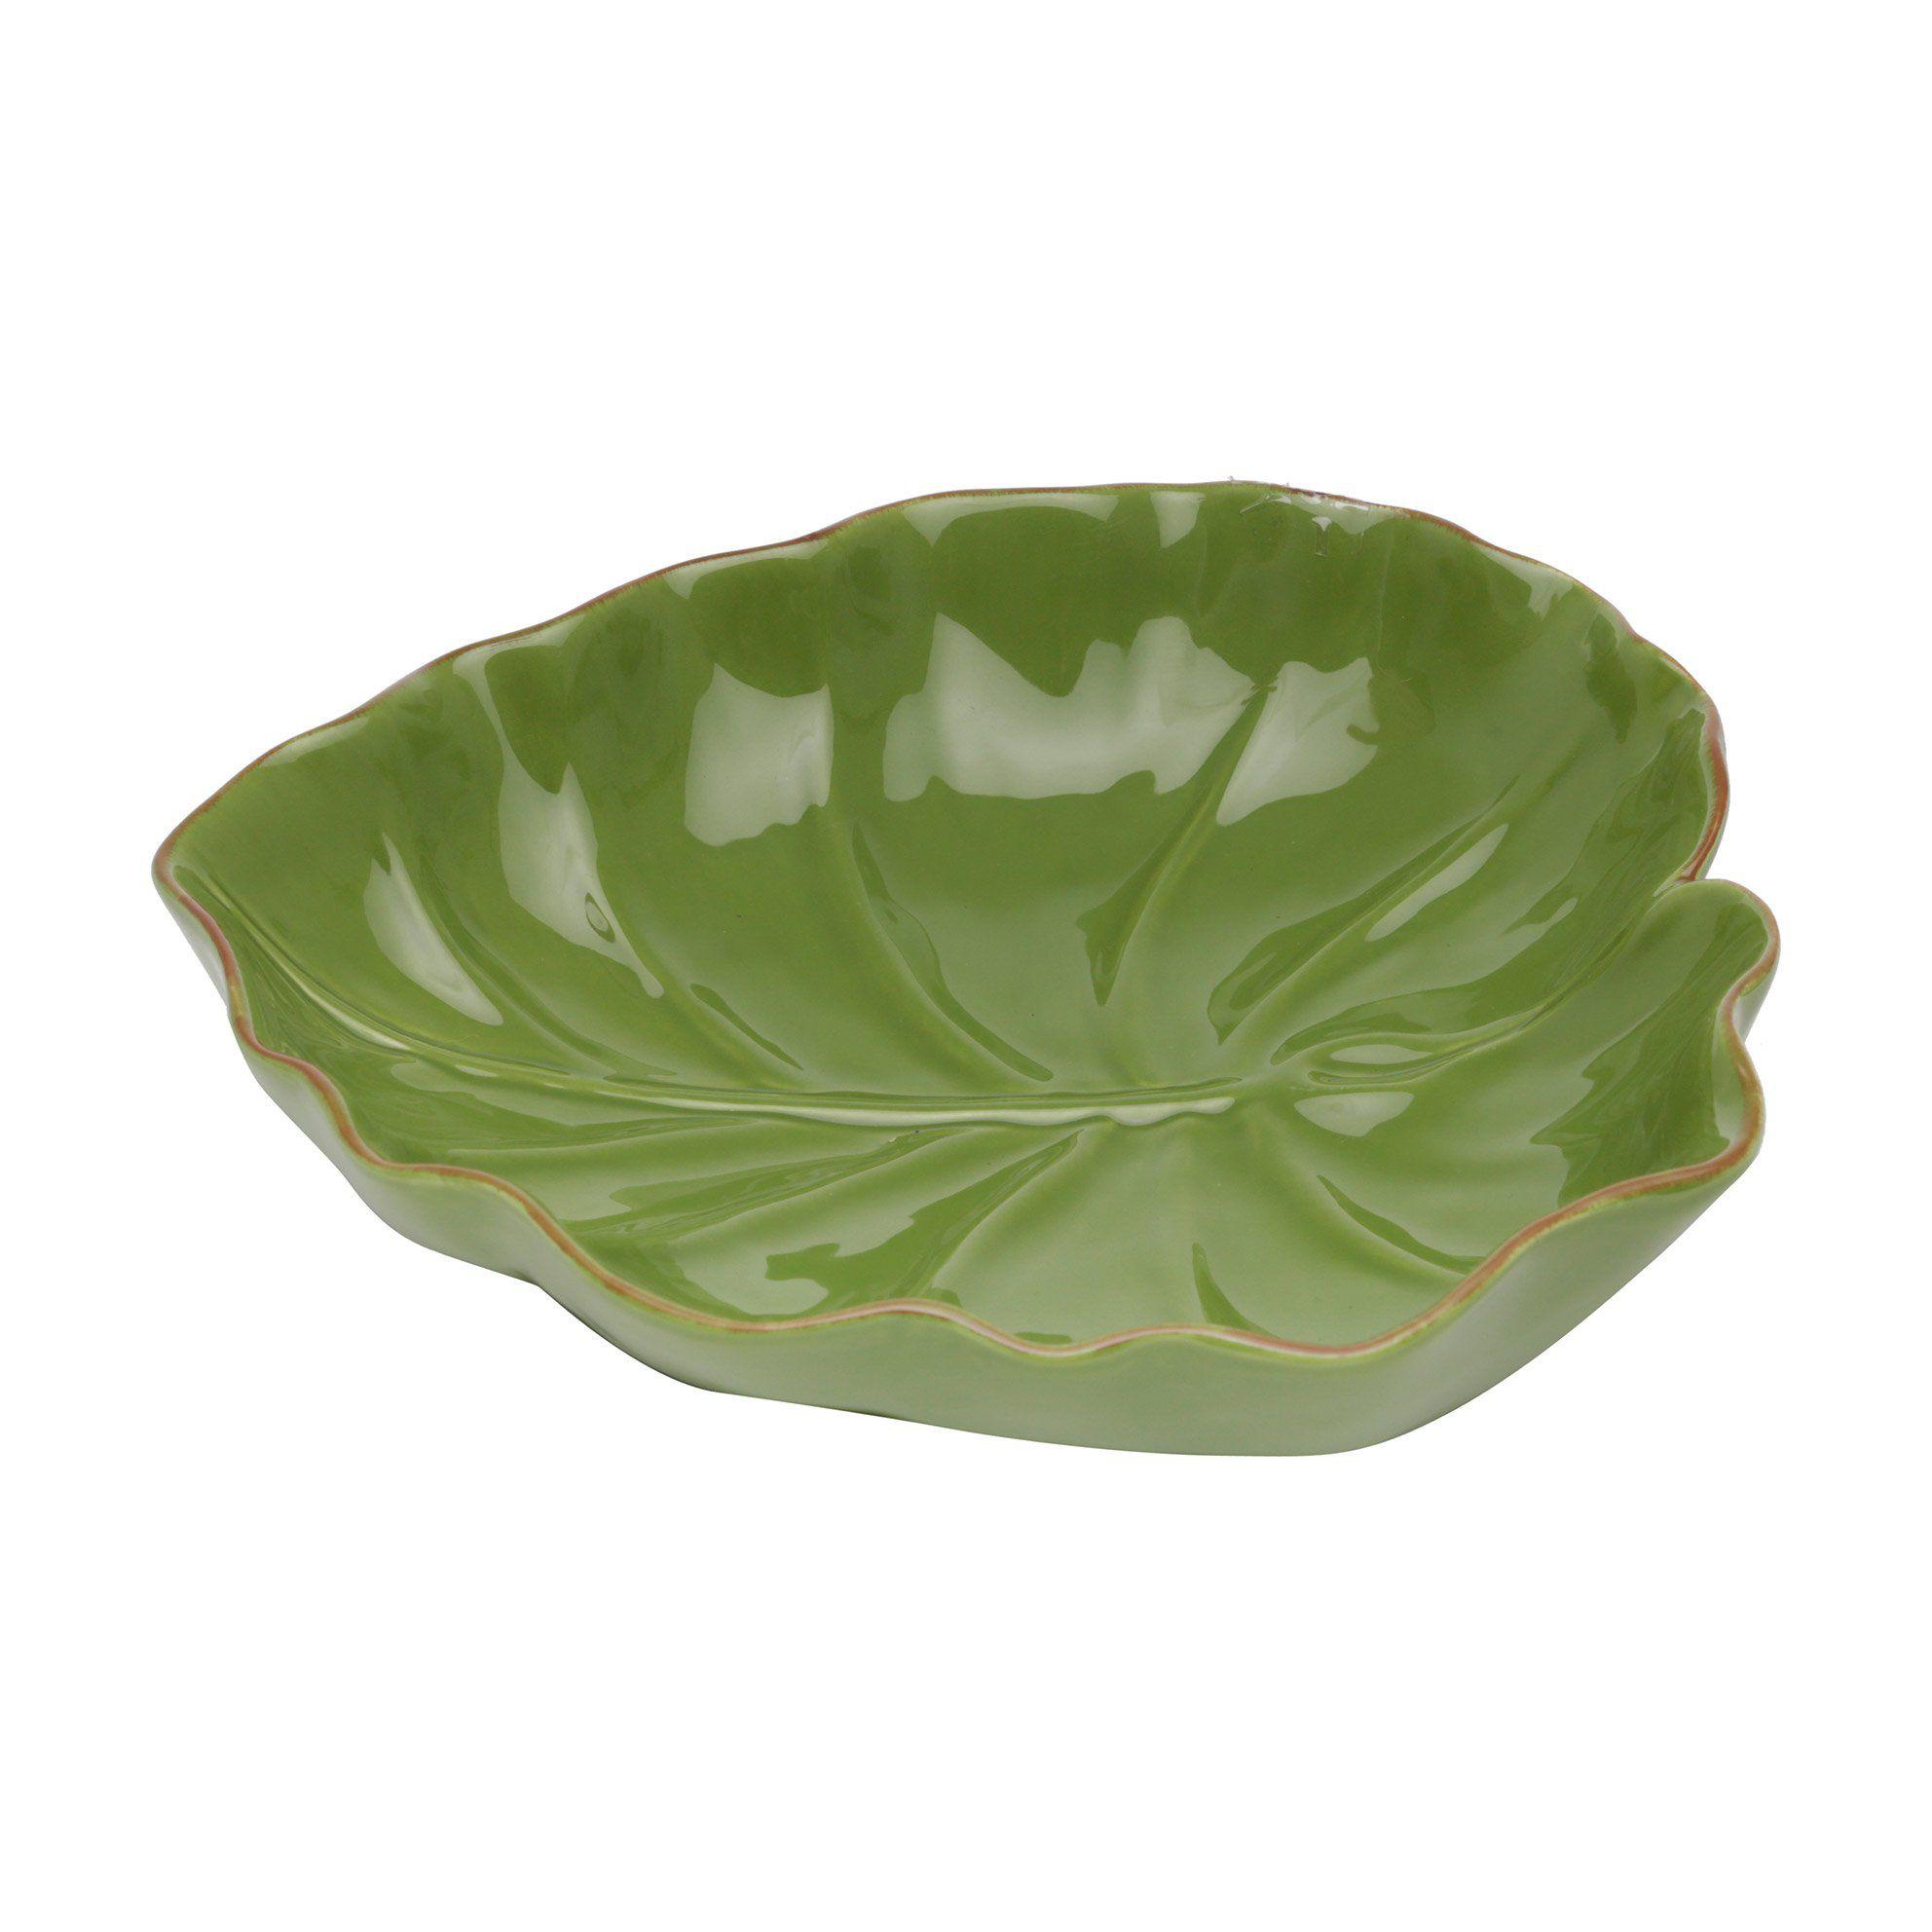 Folha decorativa 28,5 x 27 cm de cerâmica verde Lyor - L3873